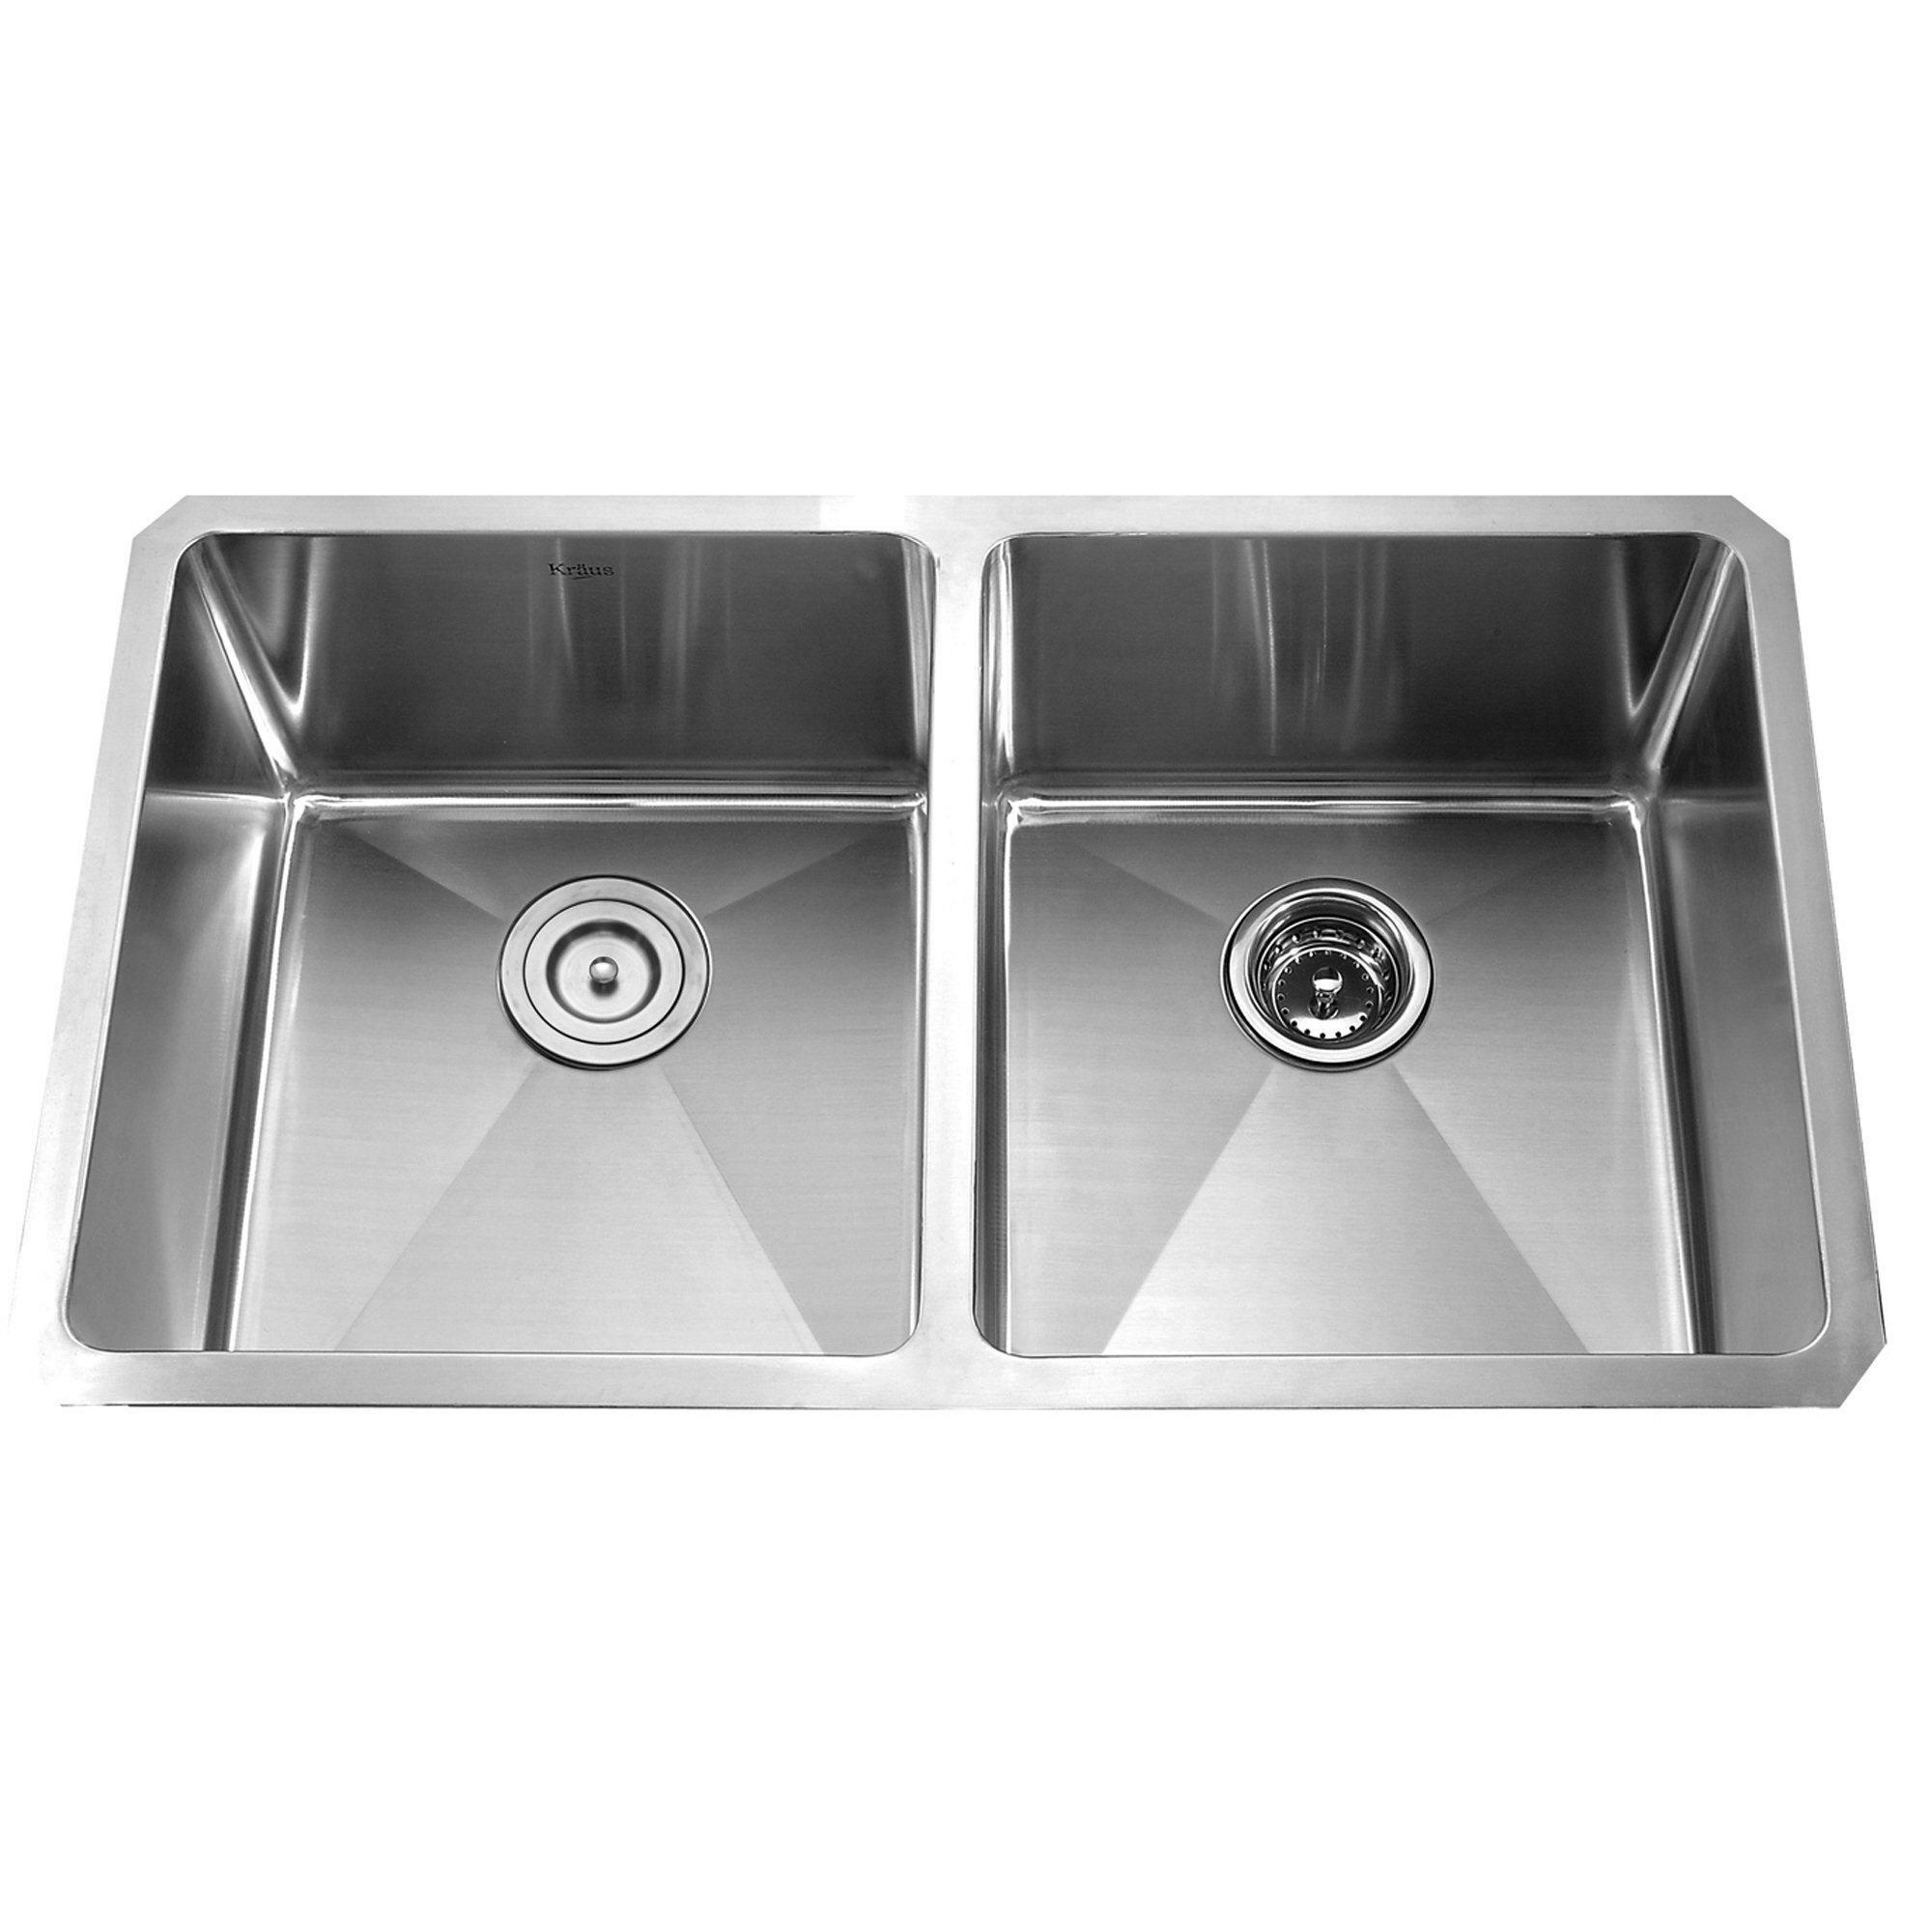 Kraus X 19 Undermount 50 50 Double Bowl Kitchen